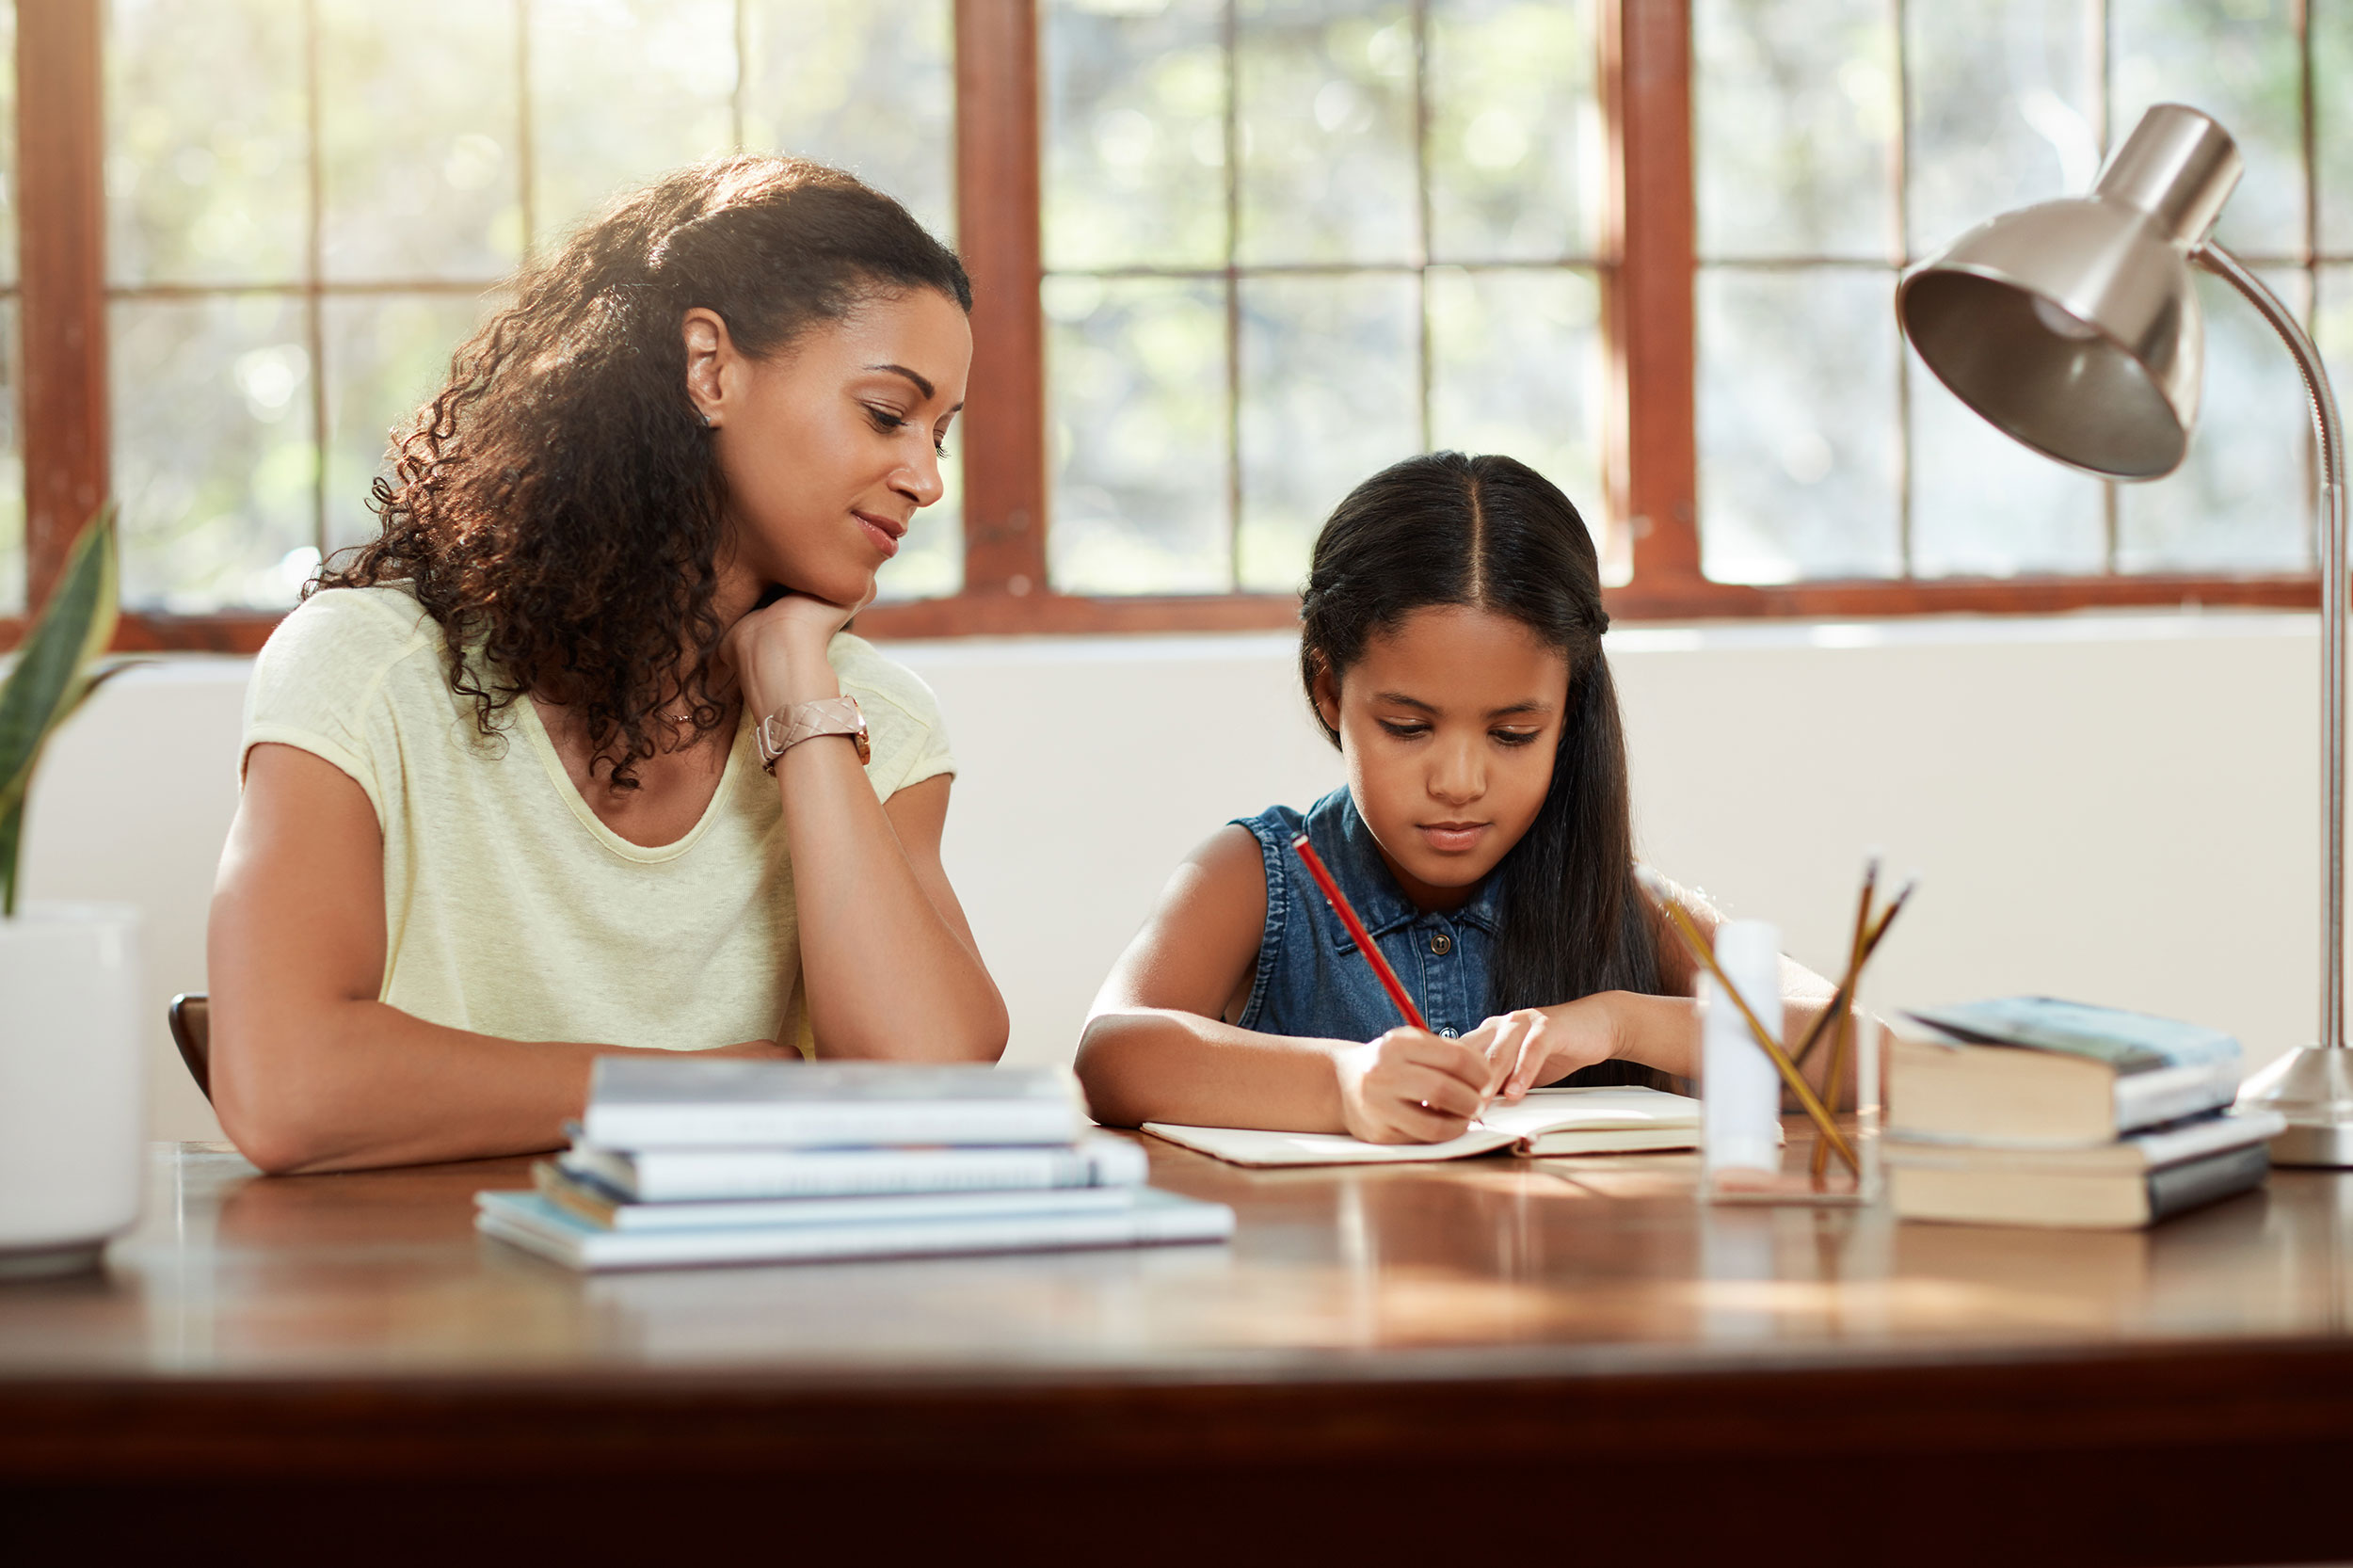 Araştırmalar, özellikle erken başlangıçta müdahale olursa, öğrenilmiş çaresizliğin başarılı bir şekilde azaltılabileceğini göstermektedir.